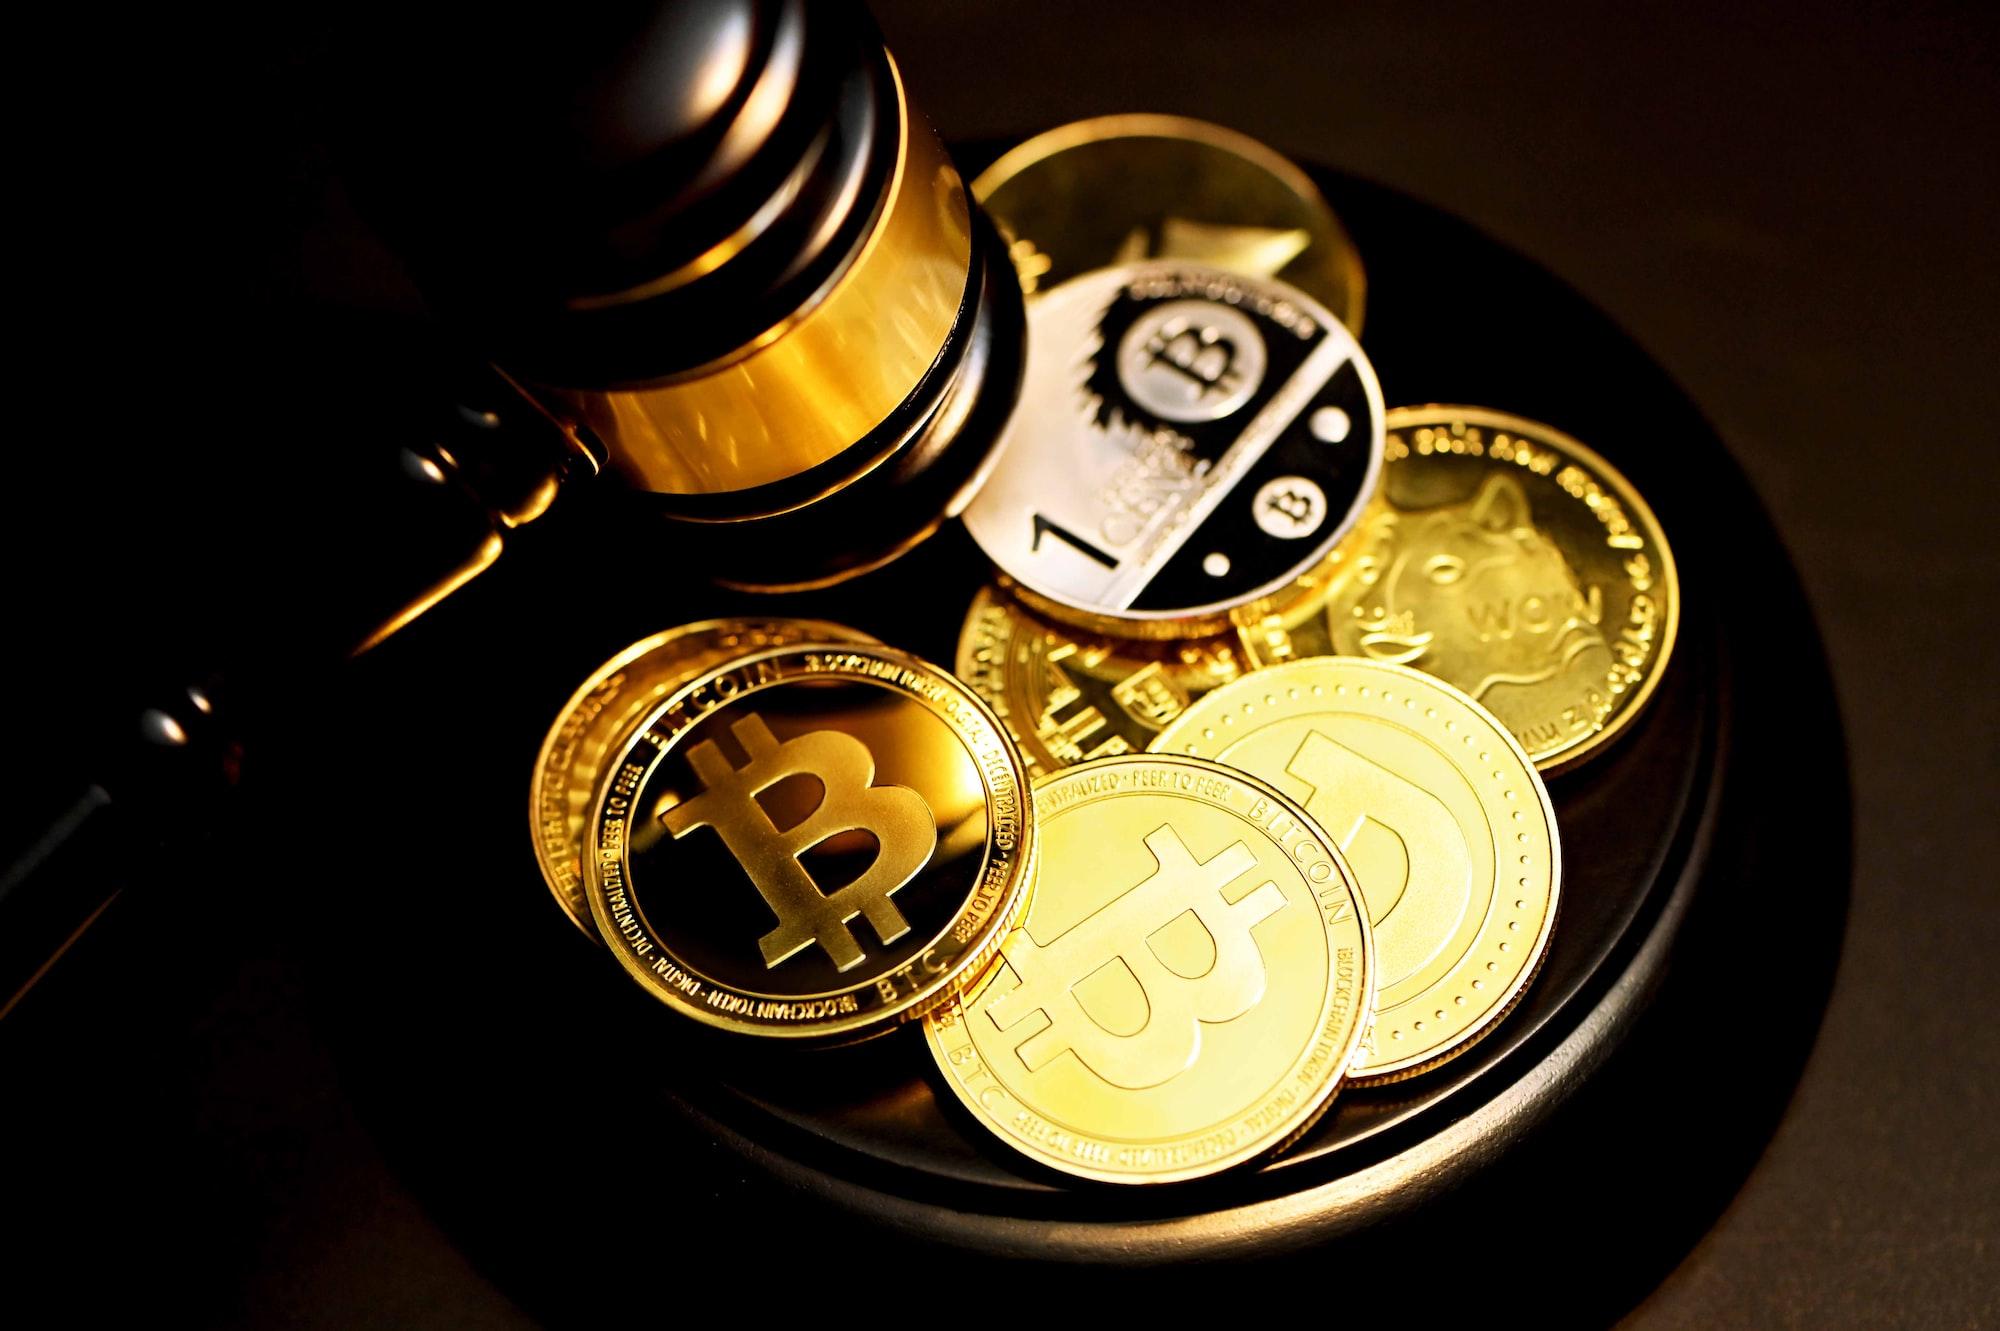 Panama ujawnia projekt ustawy o akceptacji Bitcoina, Ukraina legalizuje kryptowaluty